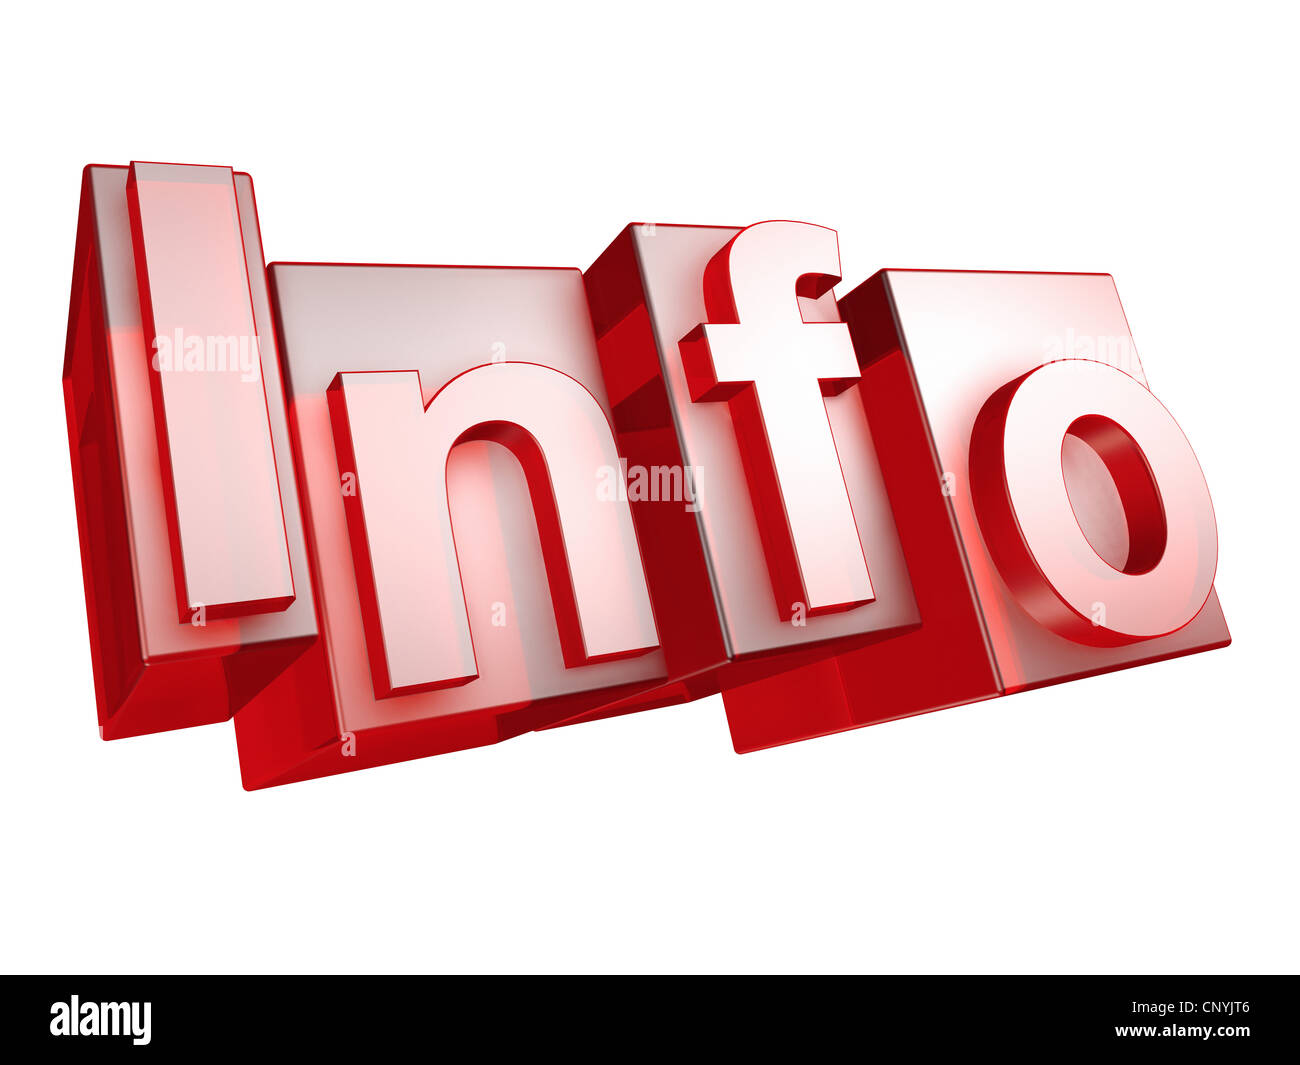 The word INFO in 3D Letters on white background - Das Wort INFO aus 3D Buchstaben gesetzt, freigestellt auf weißem - Stock Image